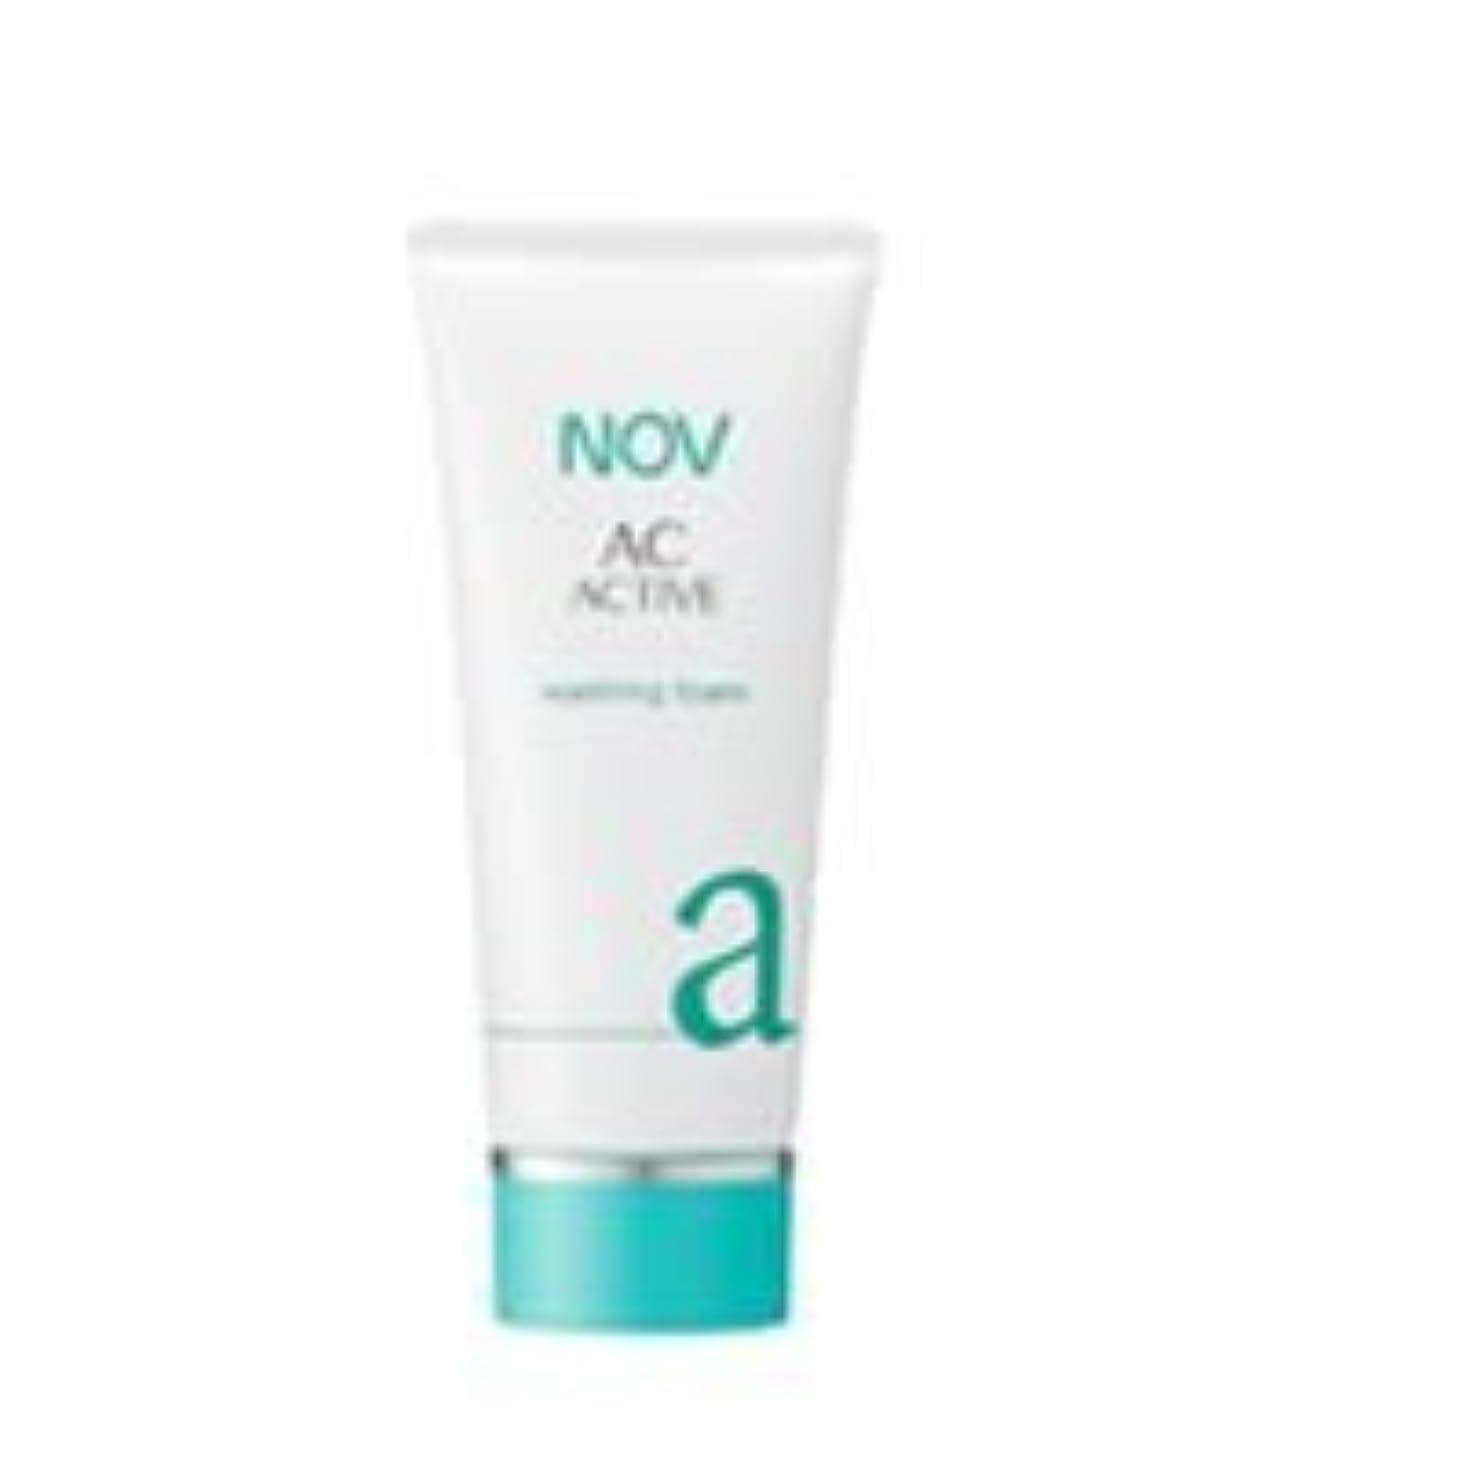 精通したビタミン同等のNOV ACアクティブ ウォッシングフォーム 100g [並行輸入品]